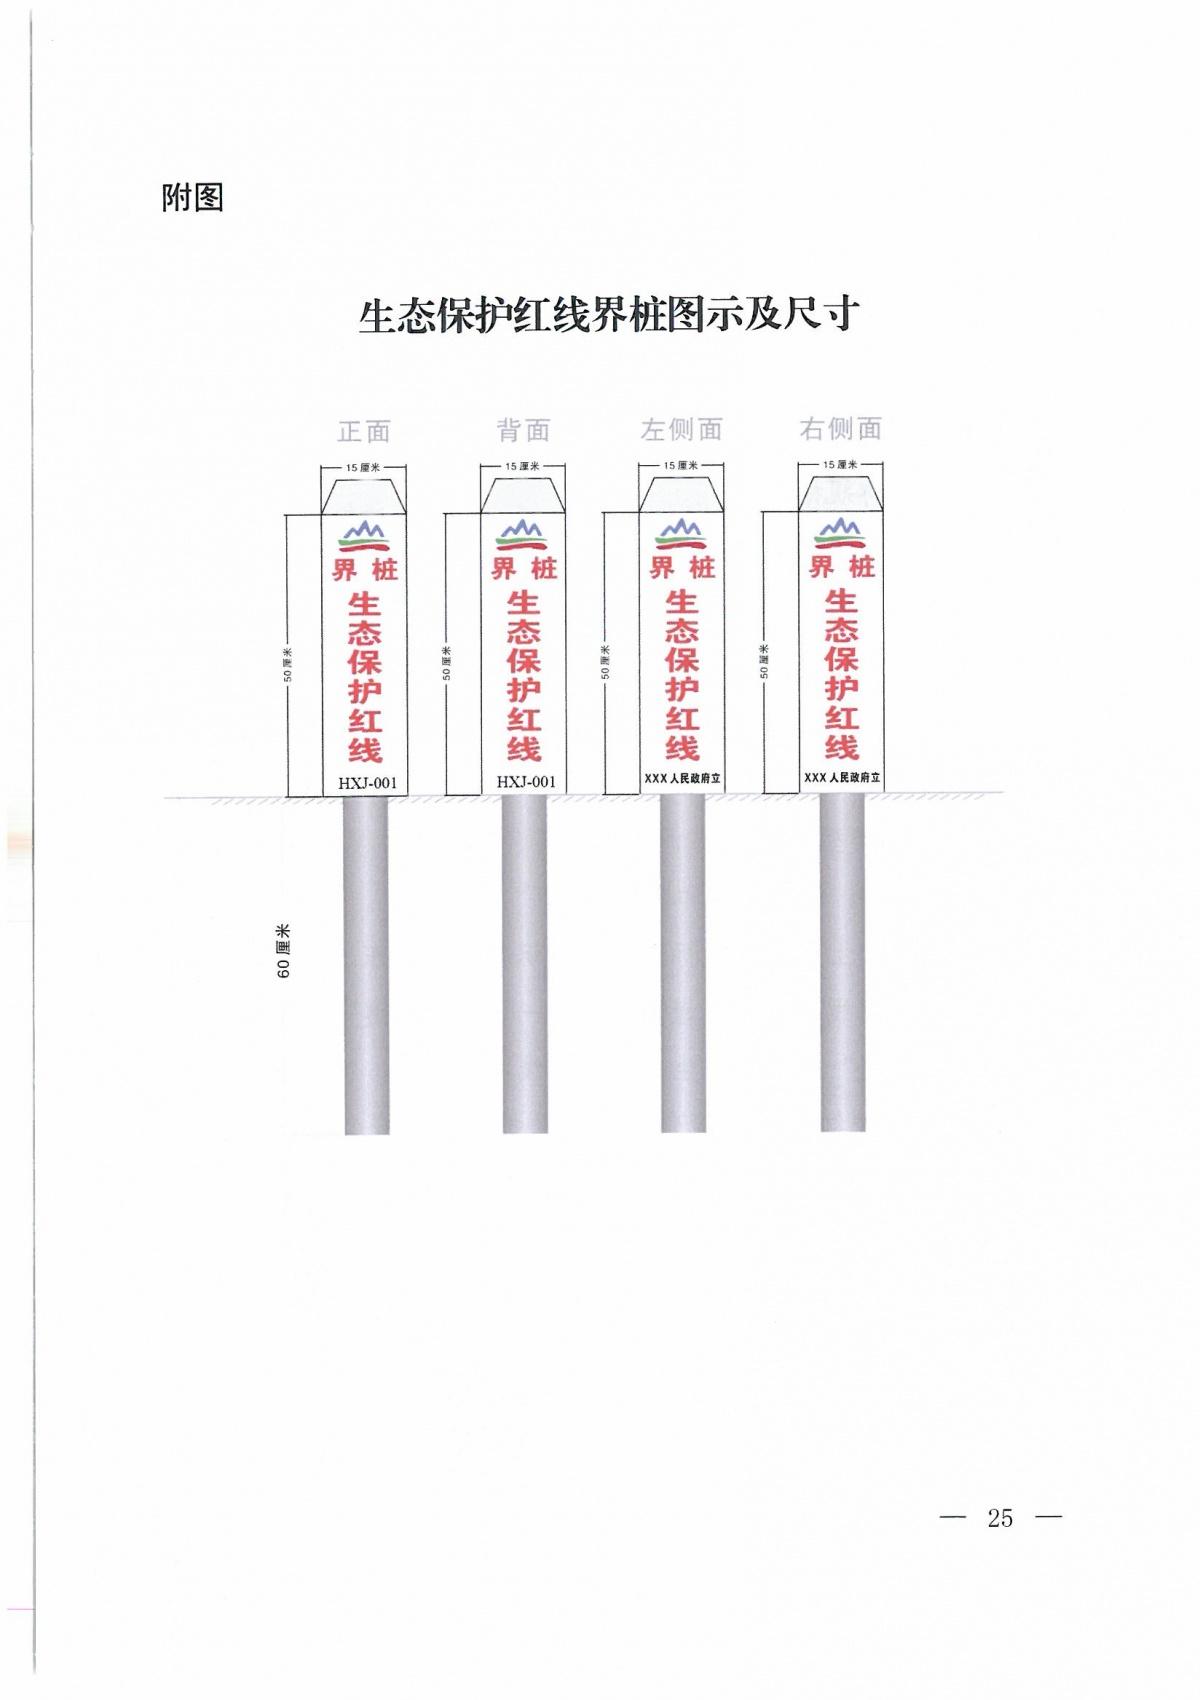 生态保护红线勘界定标技术规程(201908)_页面_23.jpg